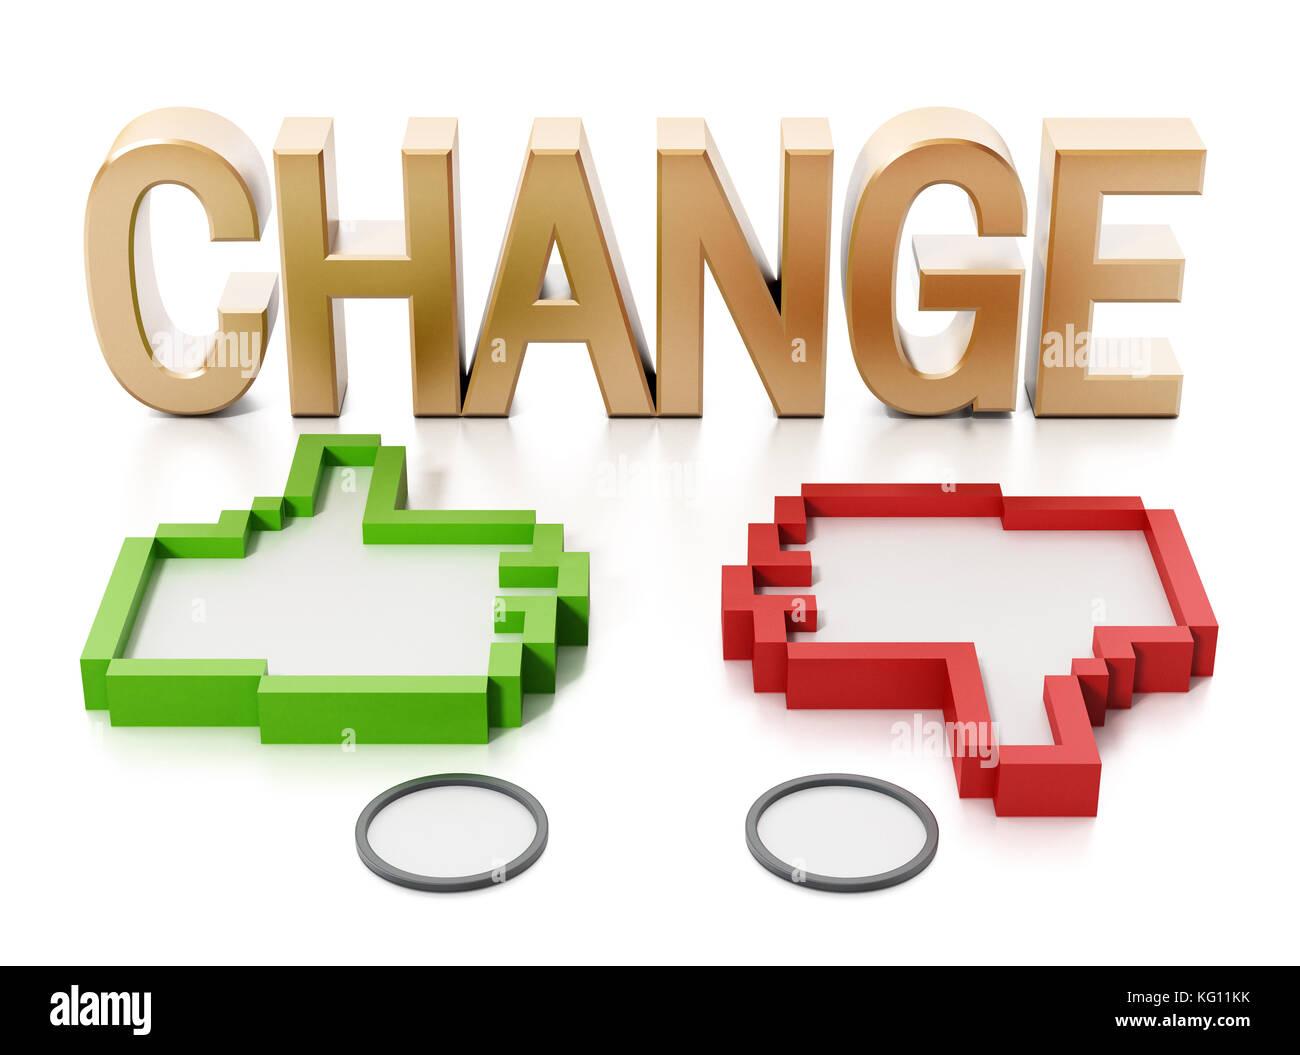 Pulgares hacia arriba y hacia abajo los iconos y cambiar el texto. Ilustración 3d. Imagen De Stock